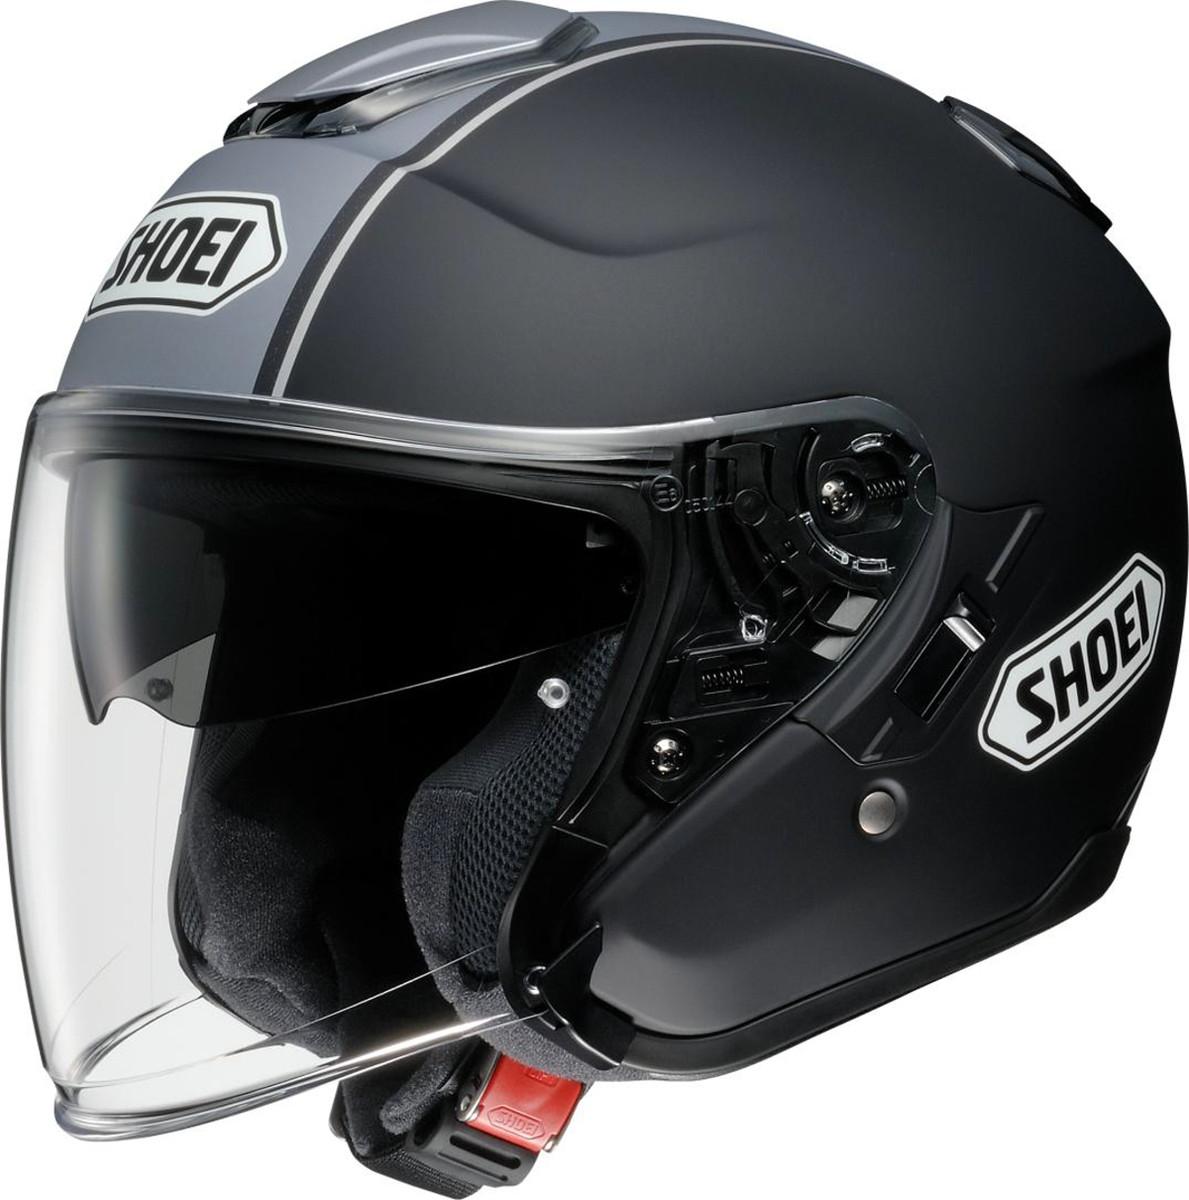 SHOEI ジェットヘルメット J-CRUISE CORSO TC-10 BK/SL Lサイズ